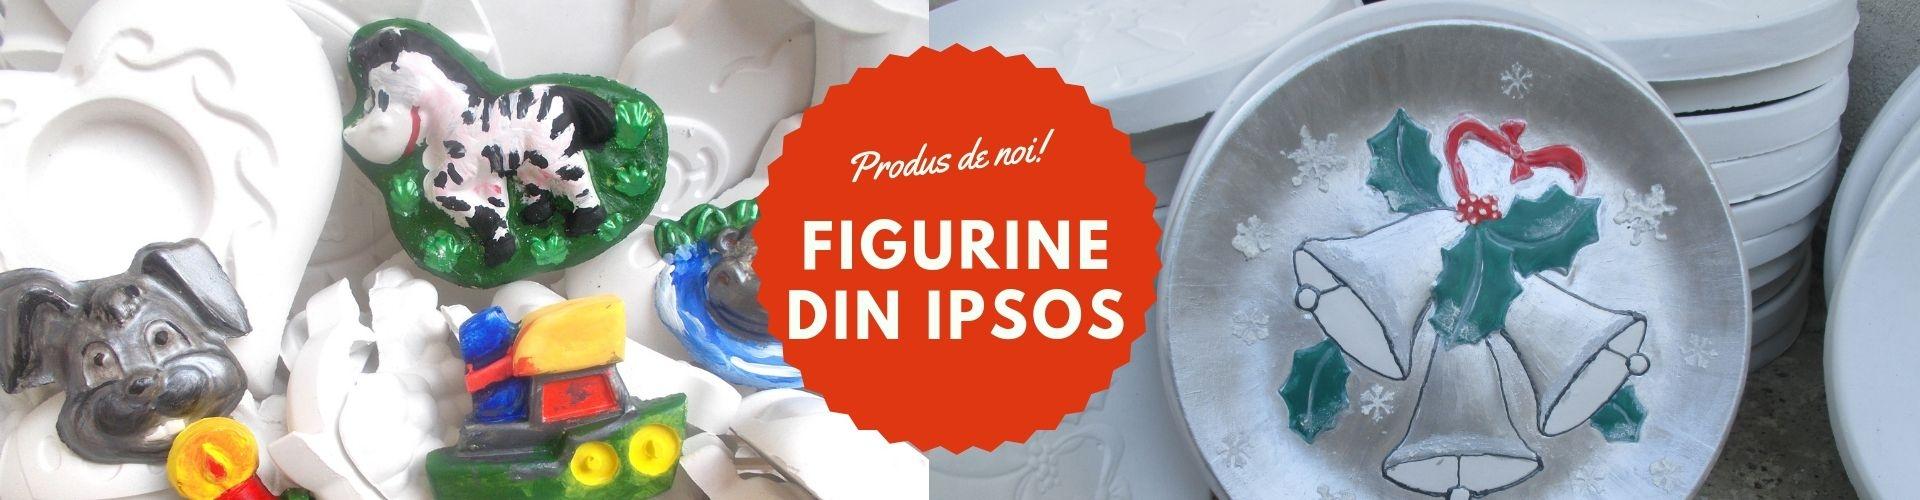 FIGURINE DIN IPSOS